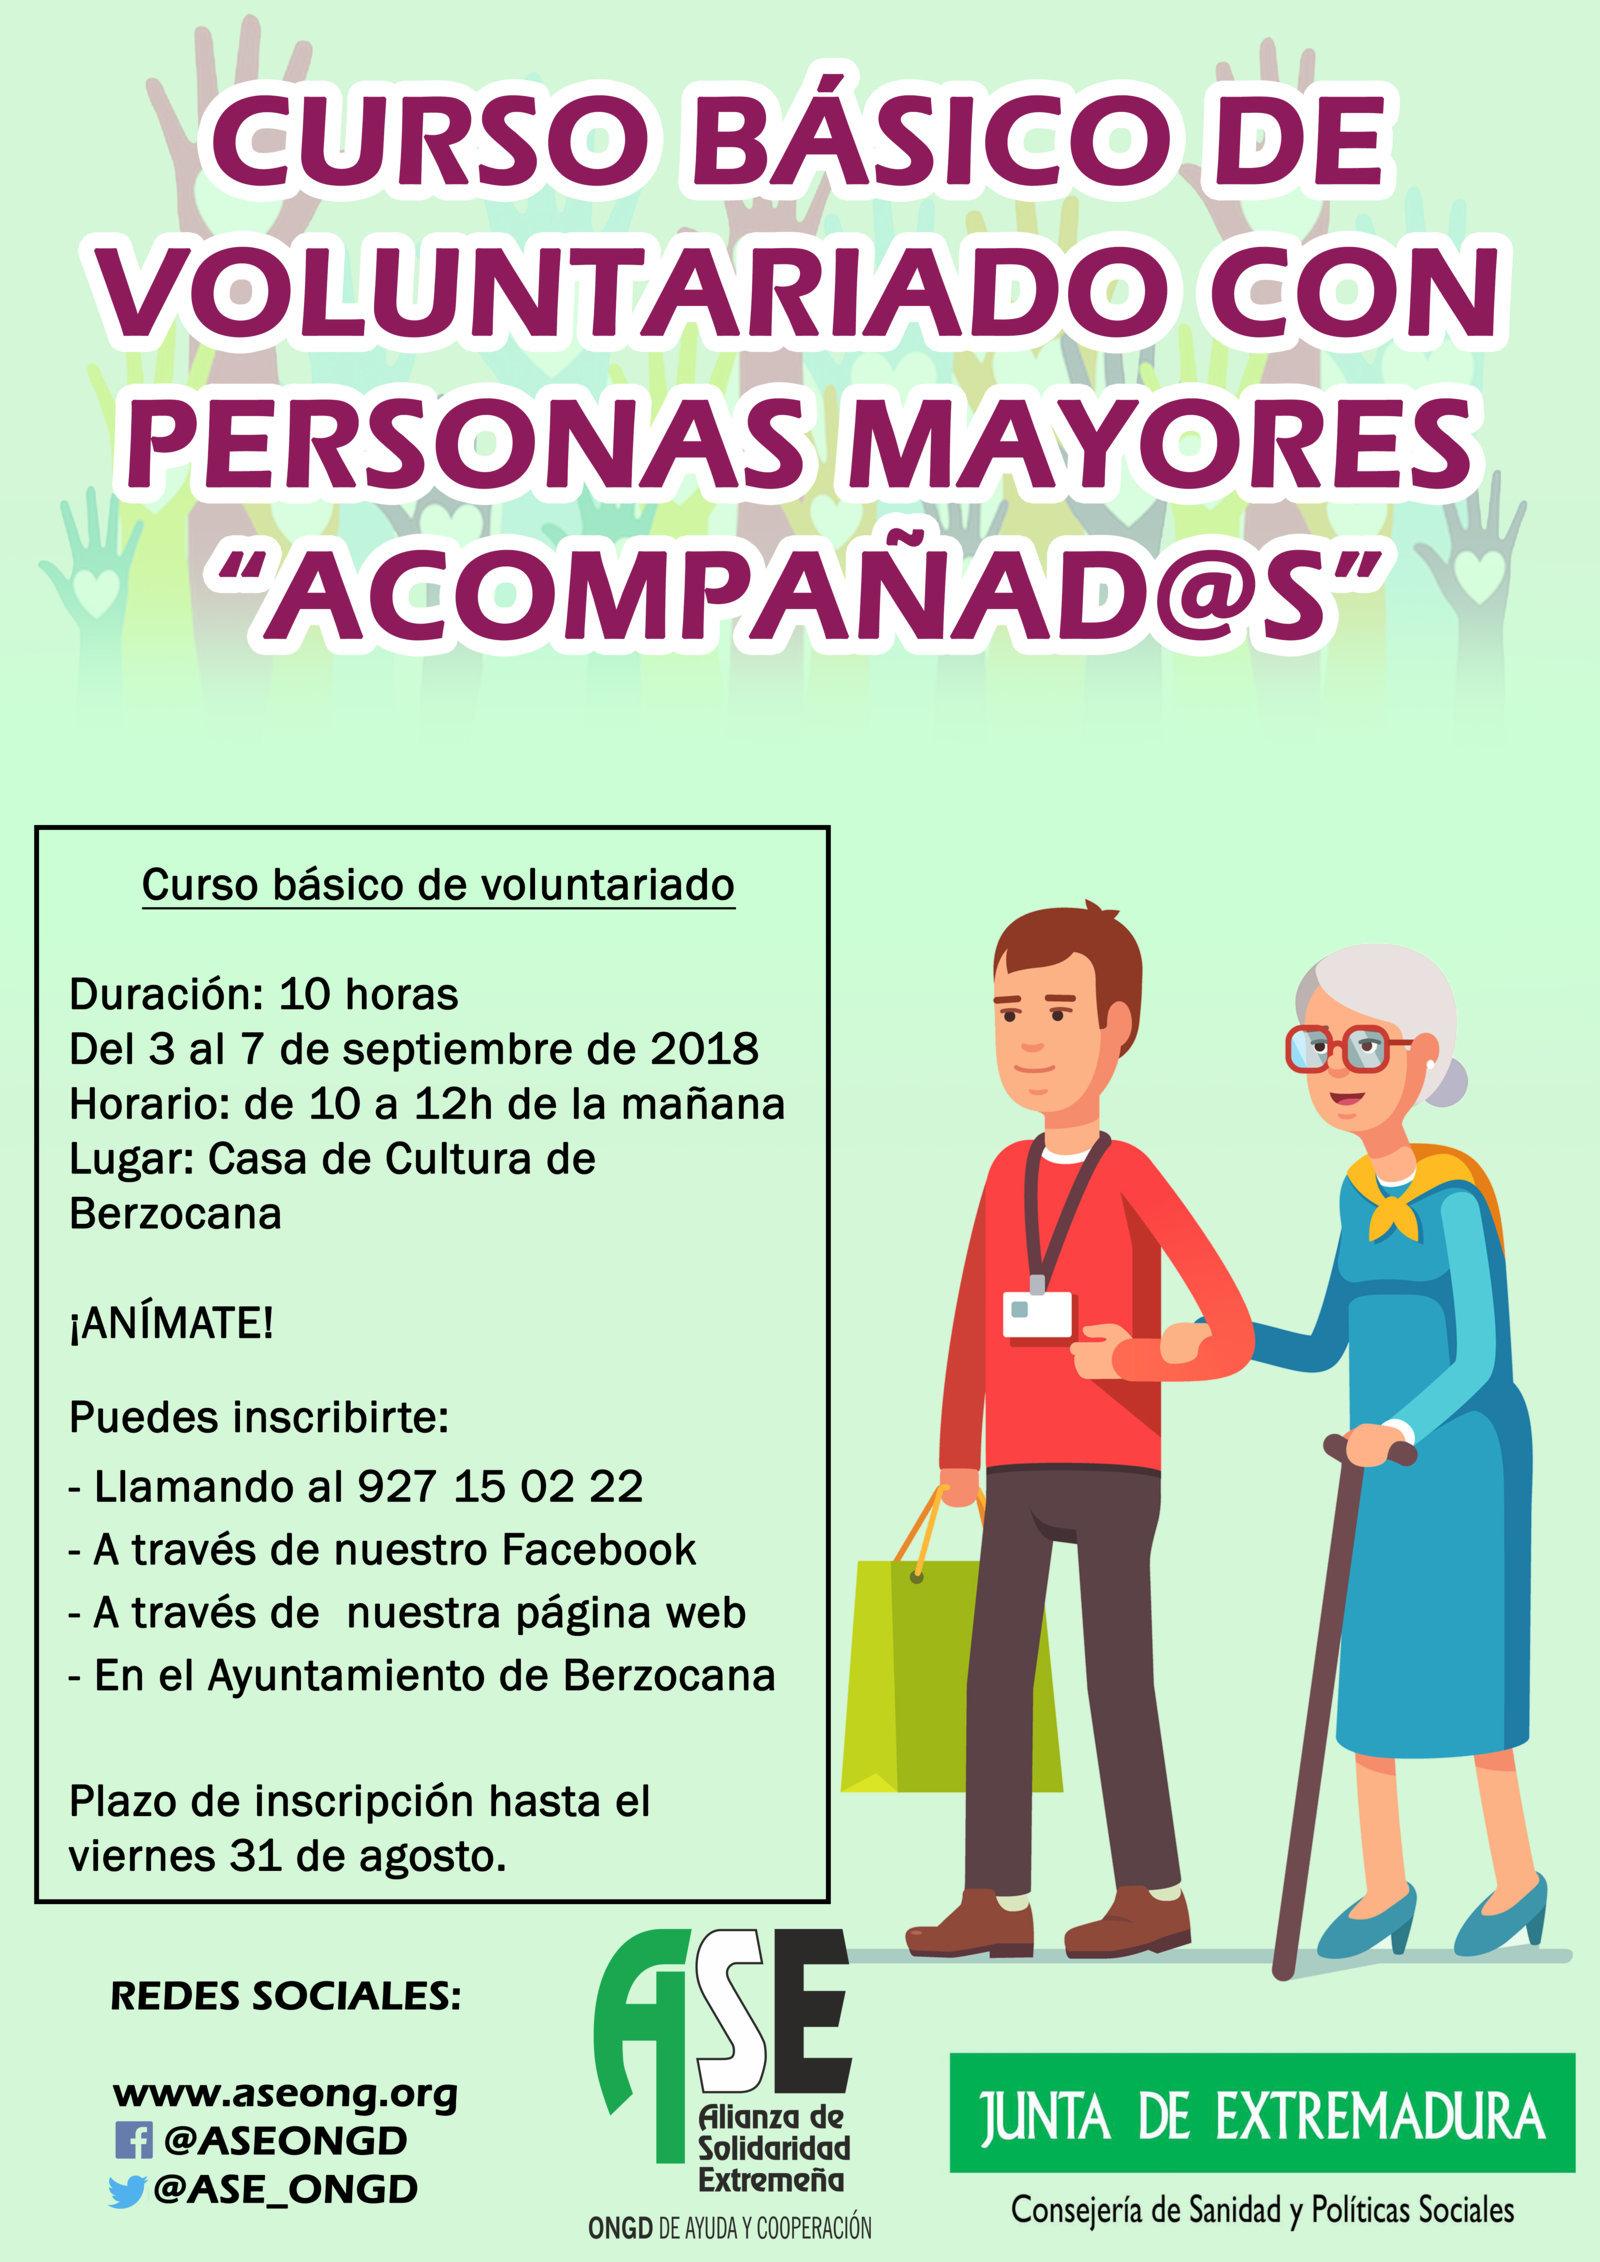 Voluntariado con personas mayores 2018 - Berzocana (Cáceres)